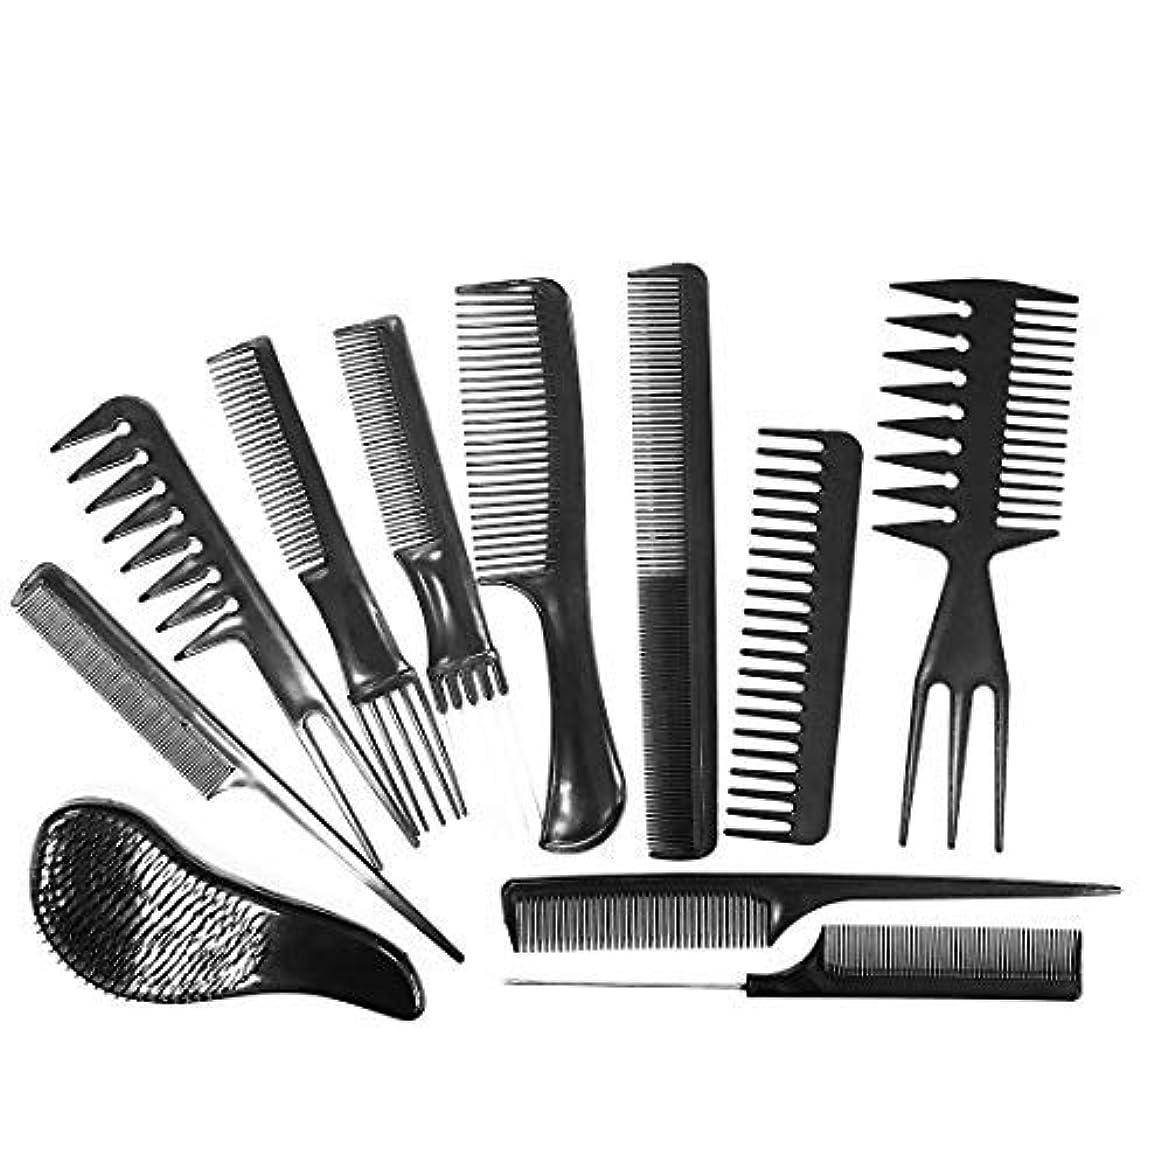 コード魔女感情のDaimay Professional Hair Styling Comb Set Hair Styling Clips Salon Hair Styling Barbers Comb Set Variety Pack...